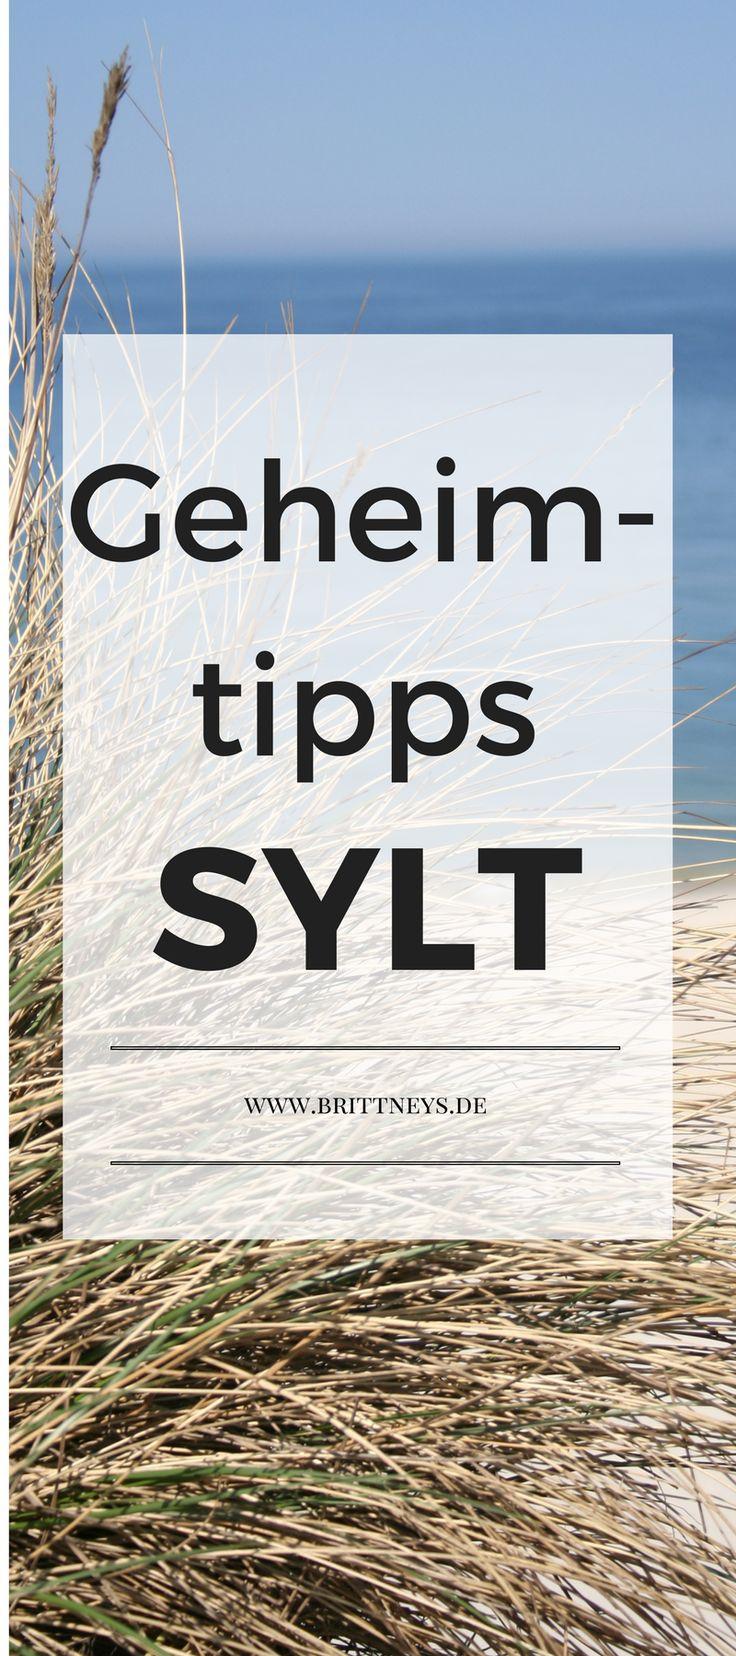 Erlebe den perfekten Urlaub auf Sylt mit den ultimativen Geheimtipps, die du garantiert noch nicht kanntest. #Sylt #UrlaubinDeutschland #Reisetipp